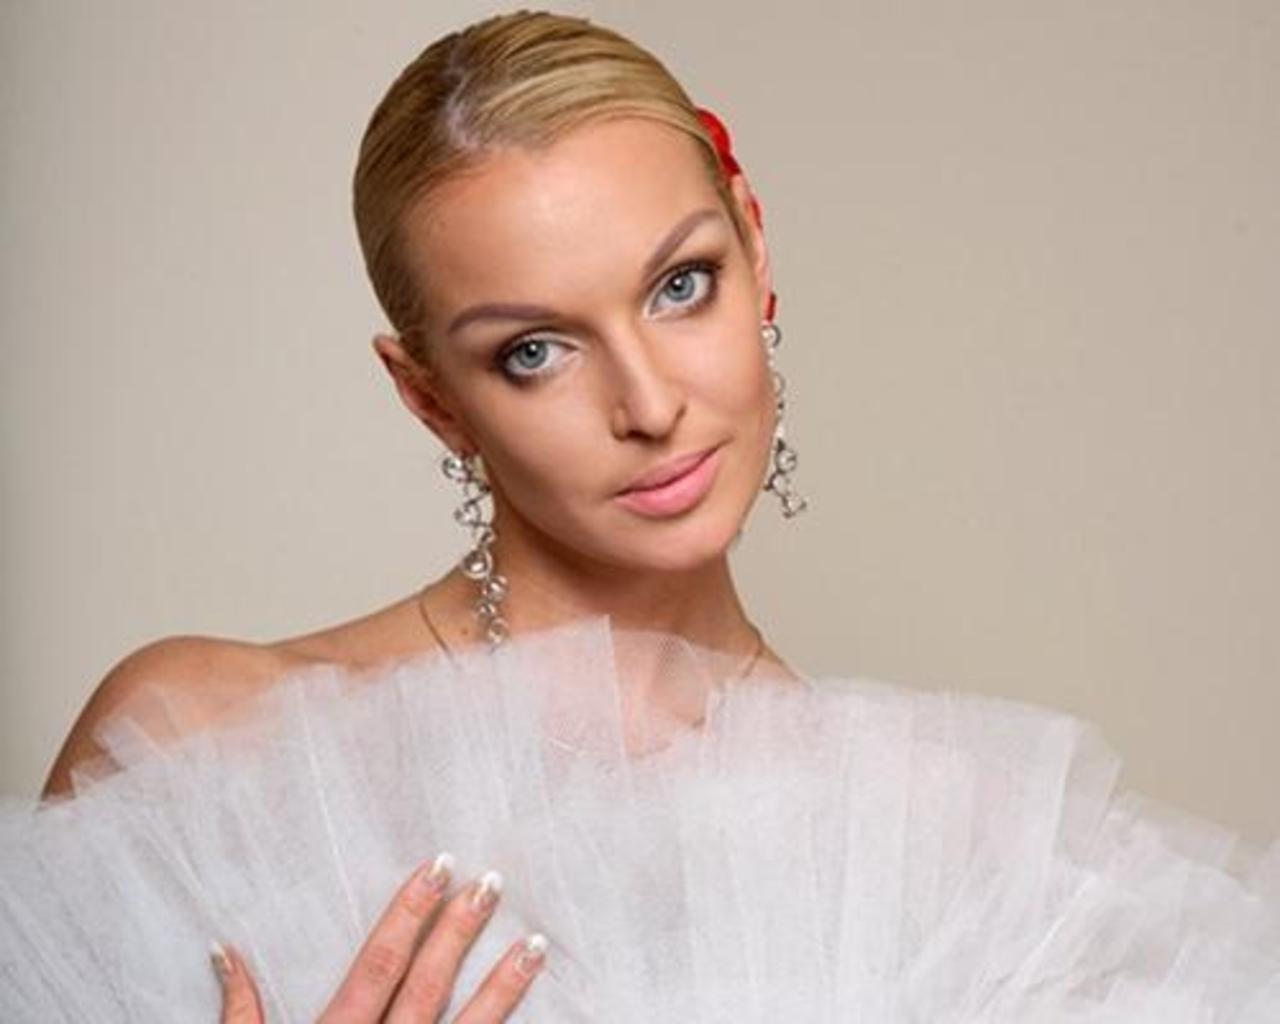 Анастасия Волочкова ошеломила гостей праздника безумным танцем